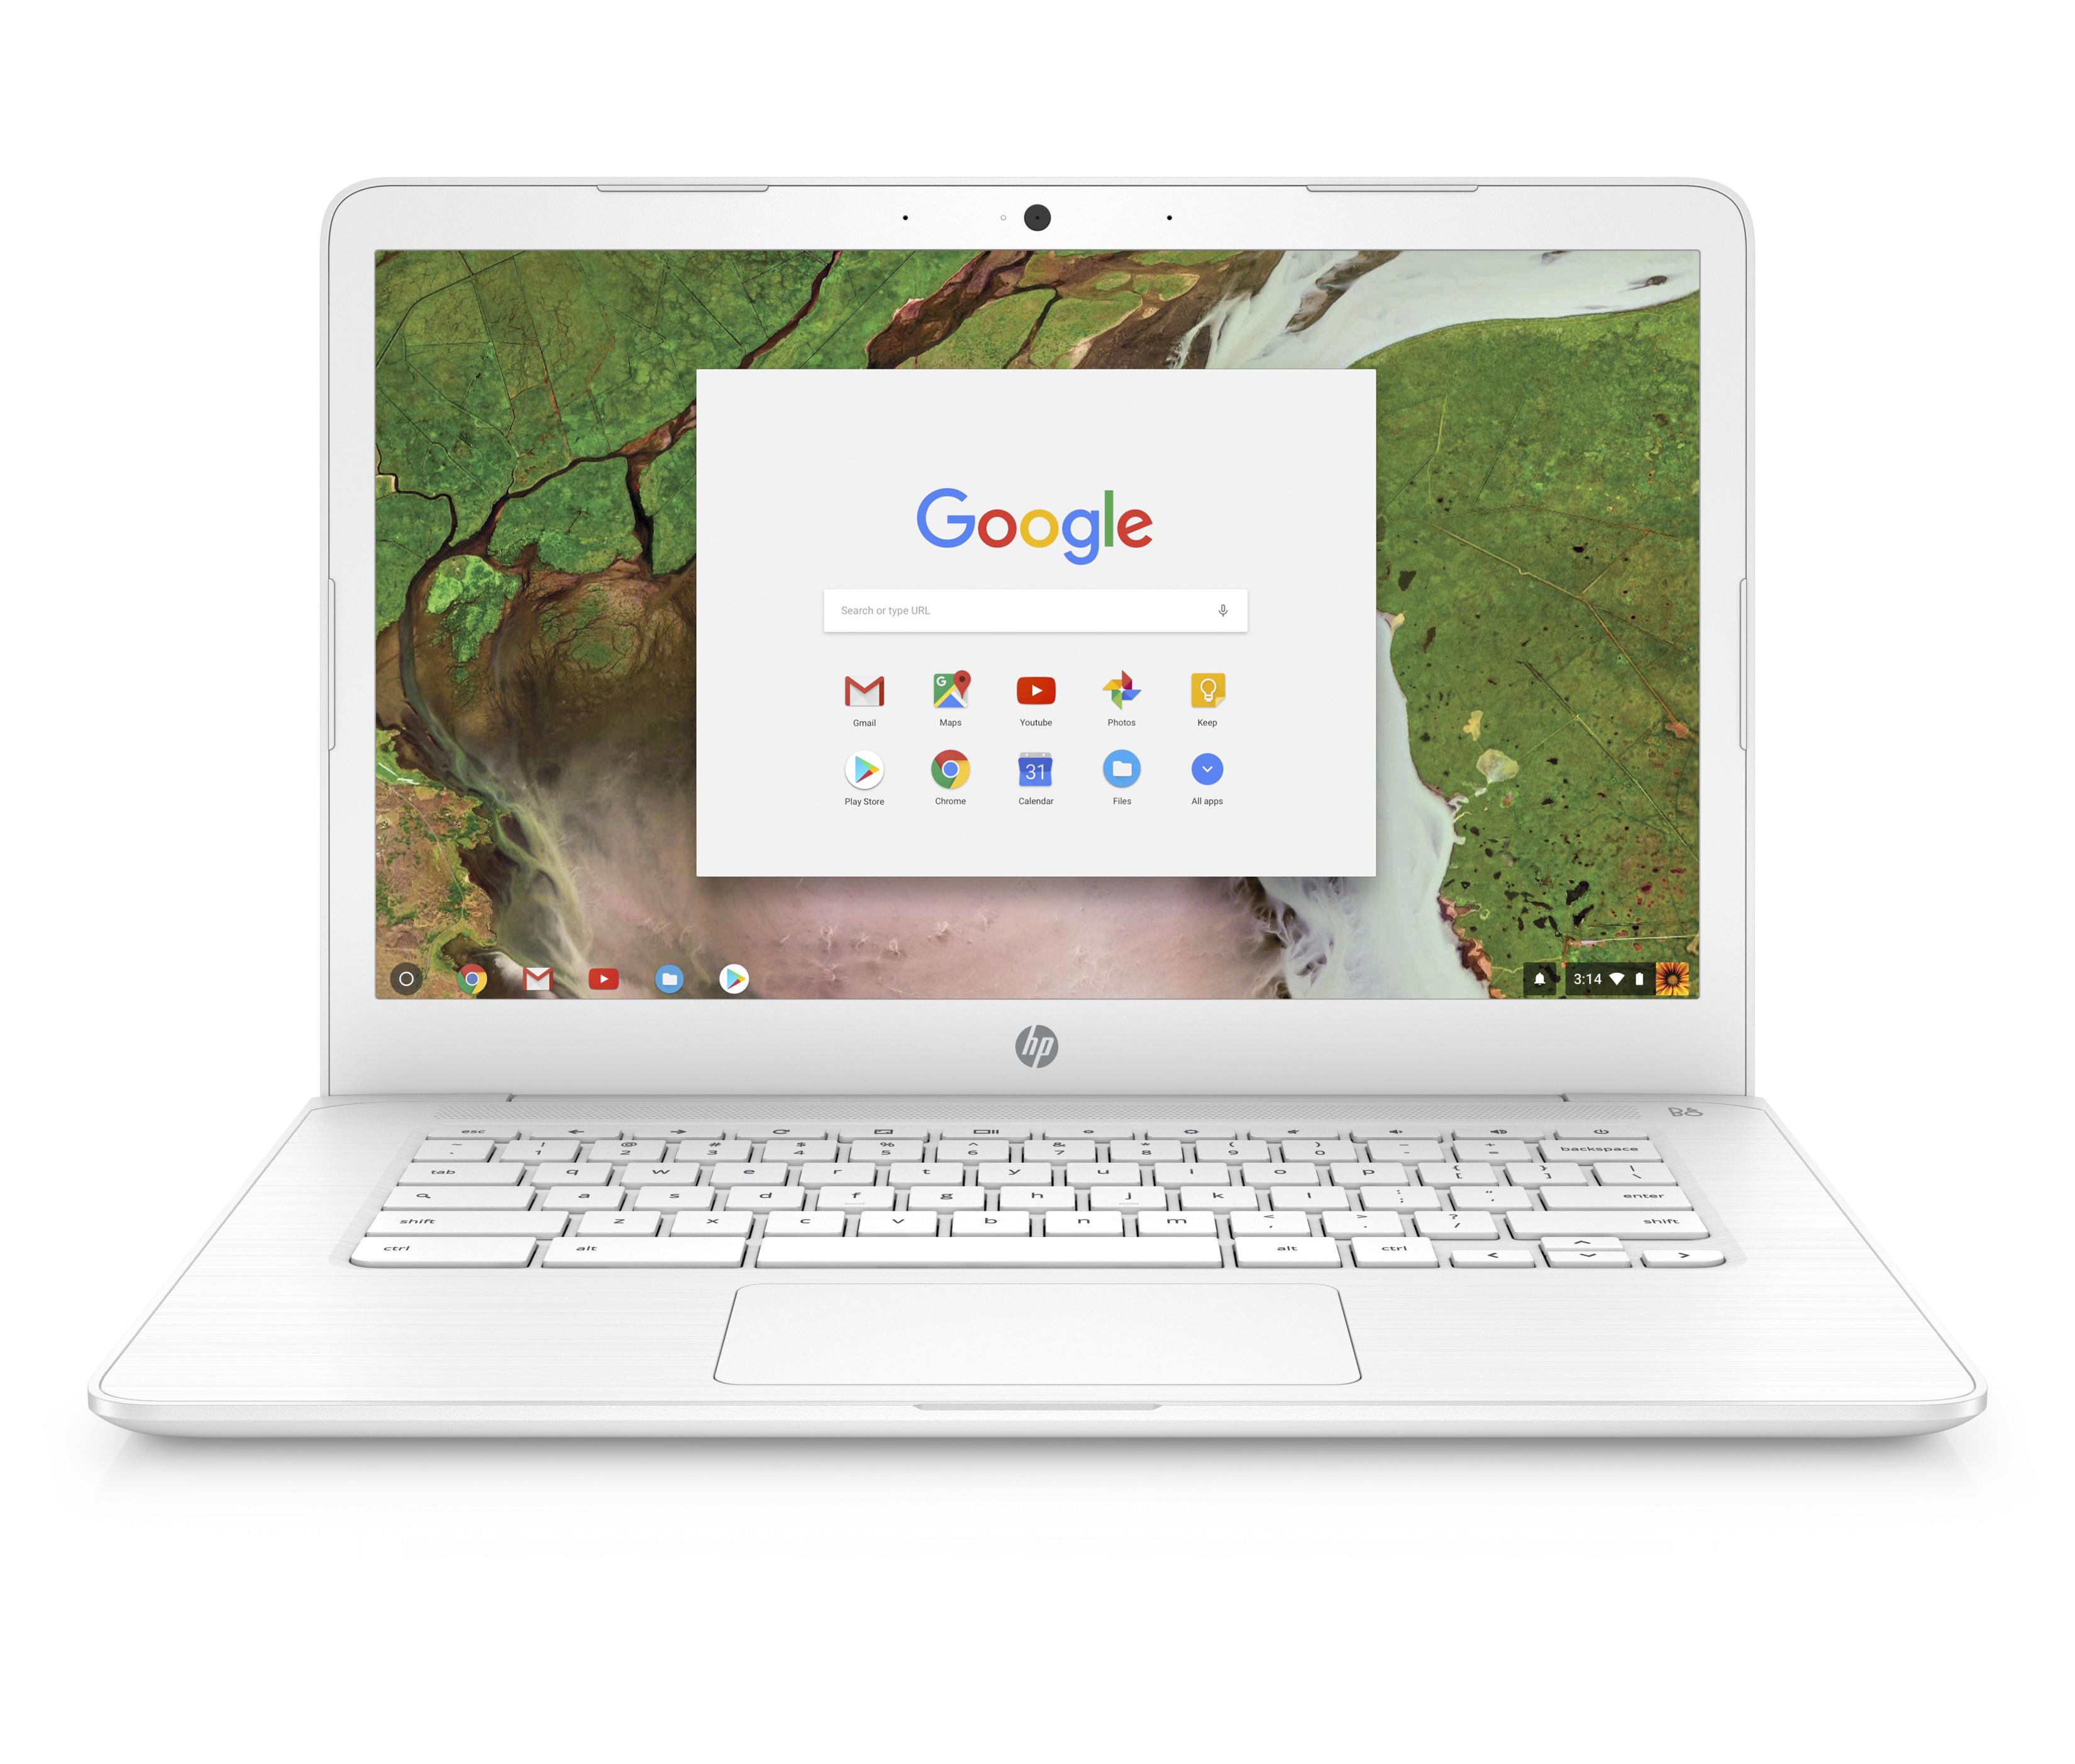 """HP Chromebook 14, 14"""" Full HD Display, Intel Celeron N3350, Intel HD Graphics 500, 32GB eMMC, 4GB SDRAM, B&O Play Audio, Snow White, 14-ca051wm $139 (YMMV, B&M)"""